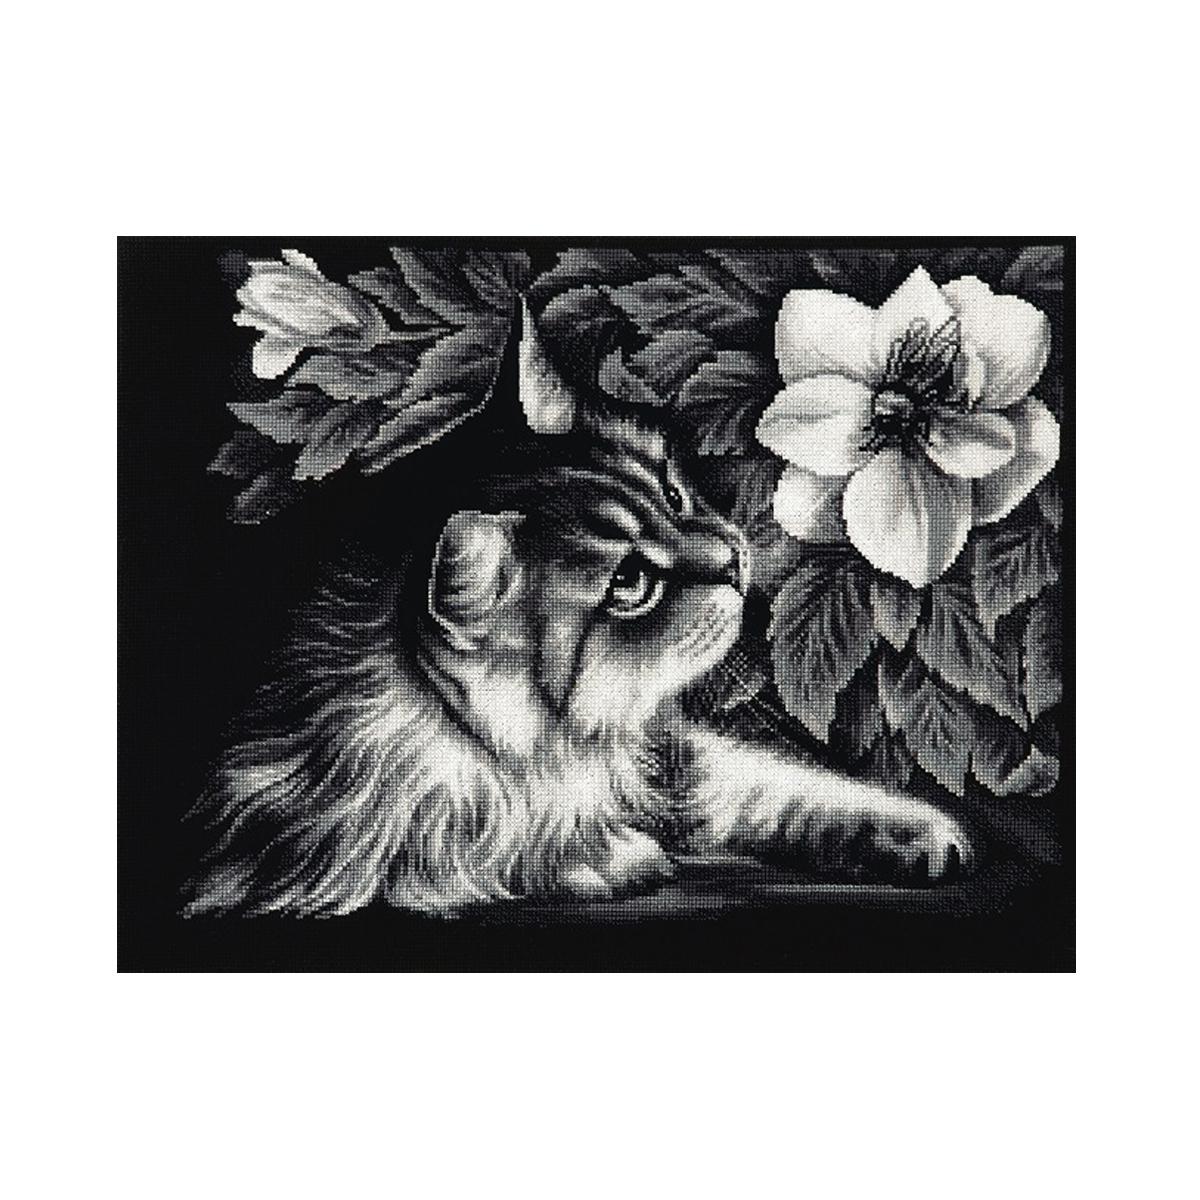 Набор для вышивания Alisena Знакомство, 36 x 27 см484237